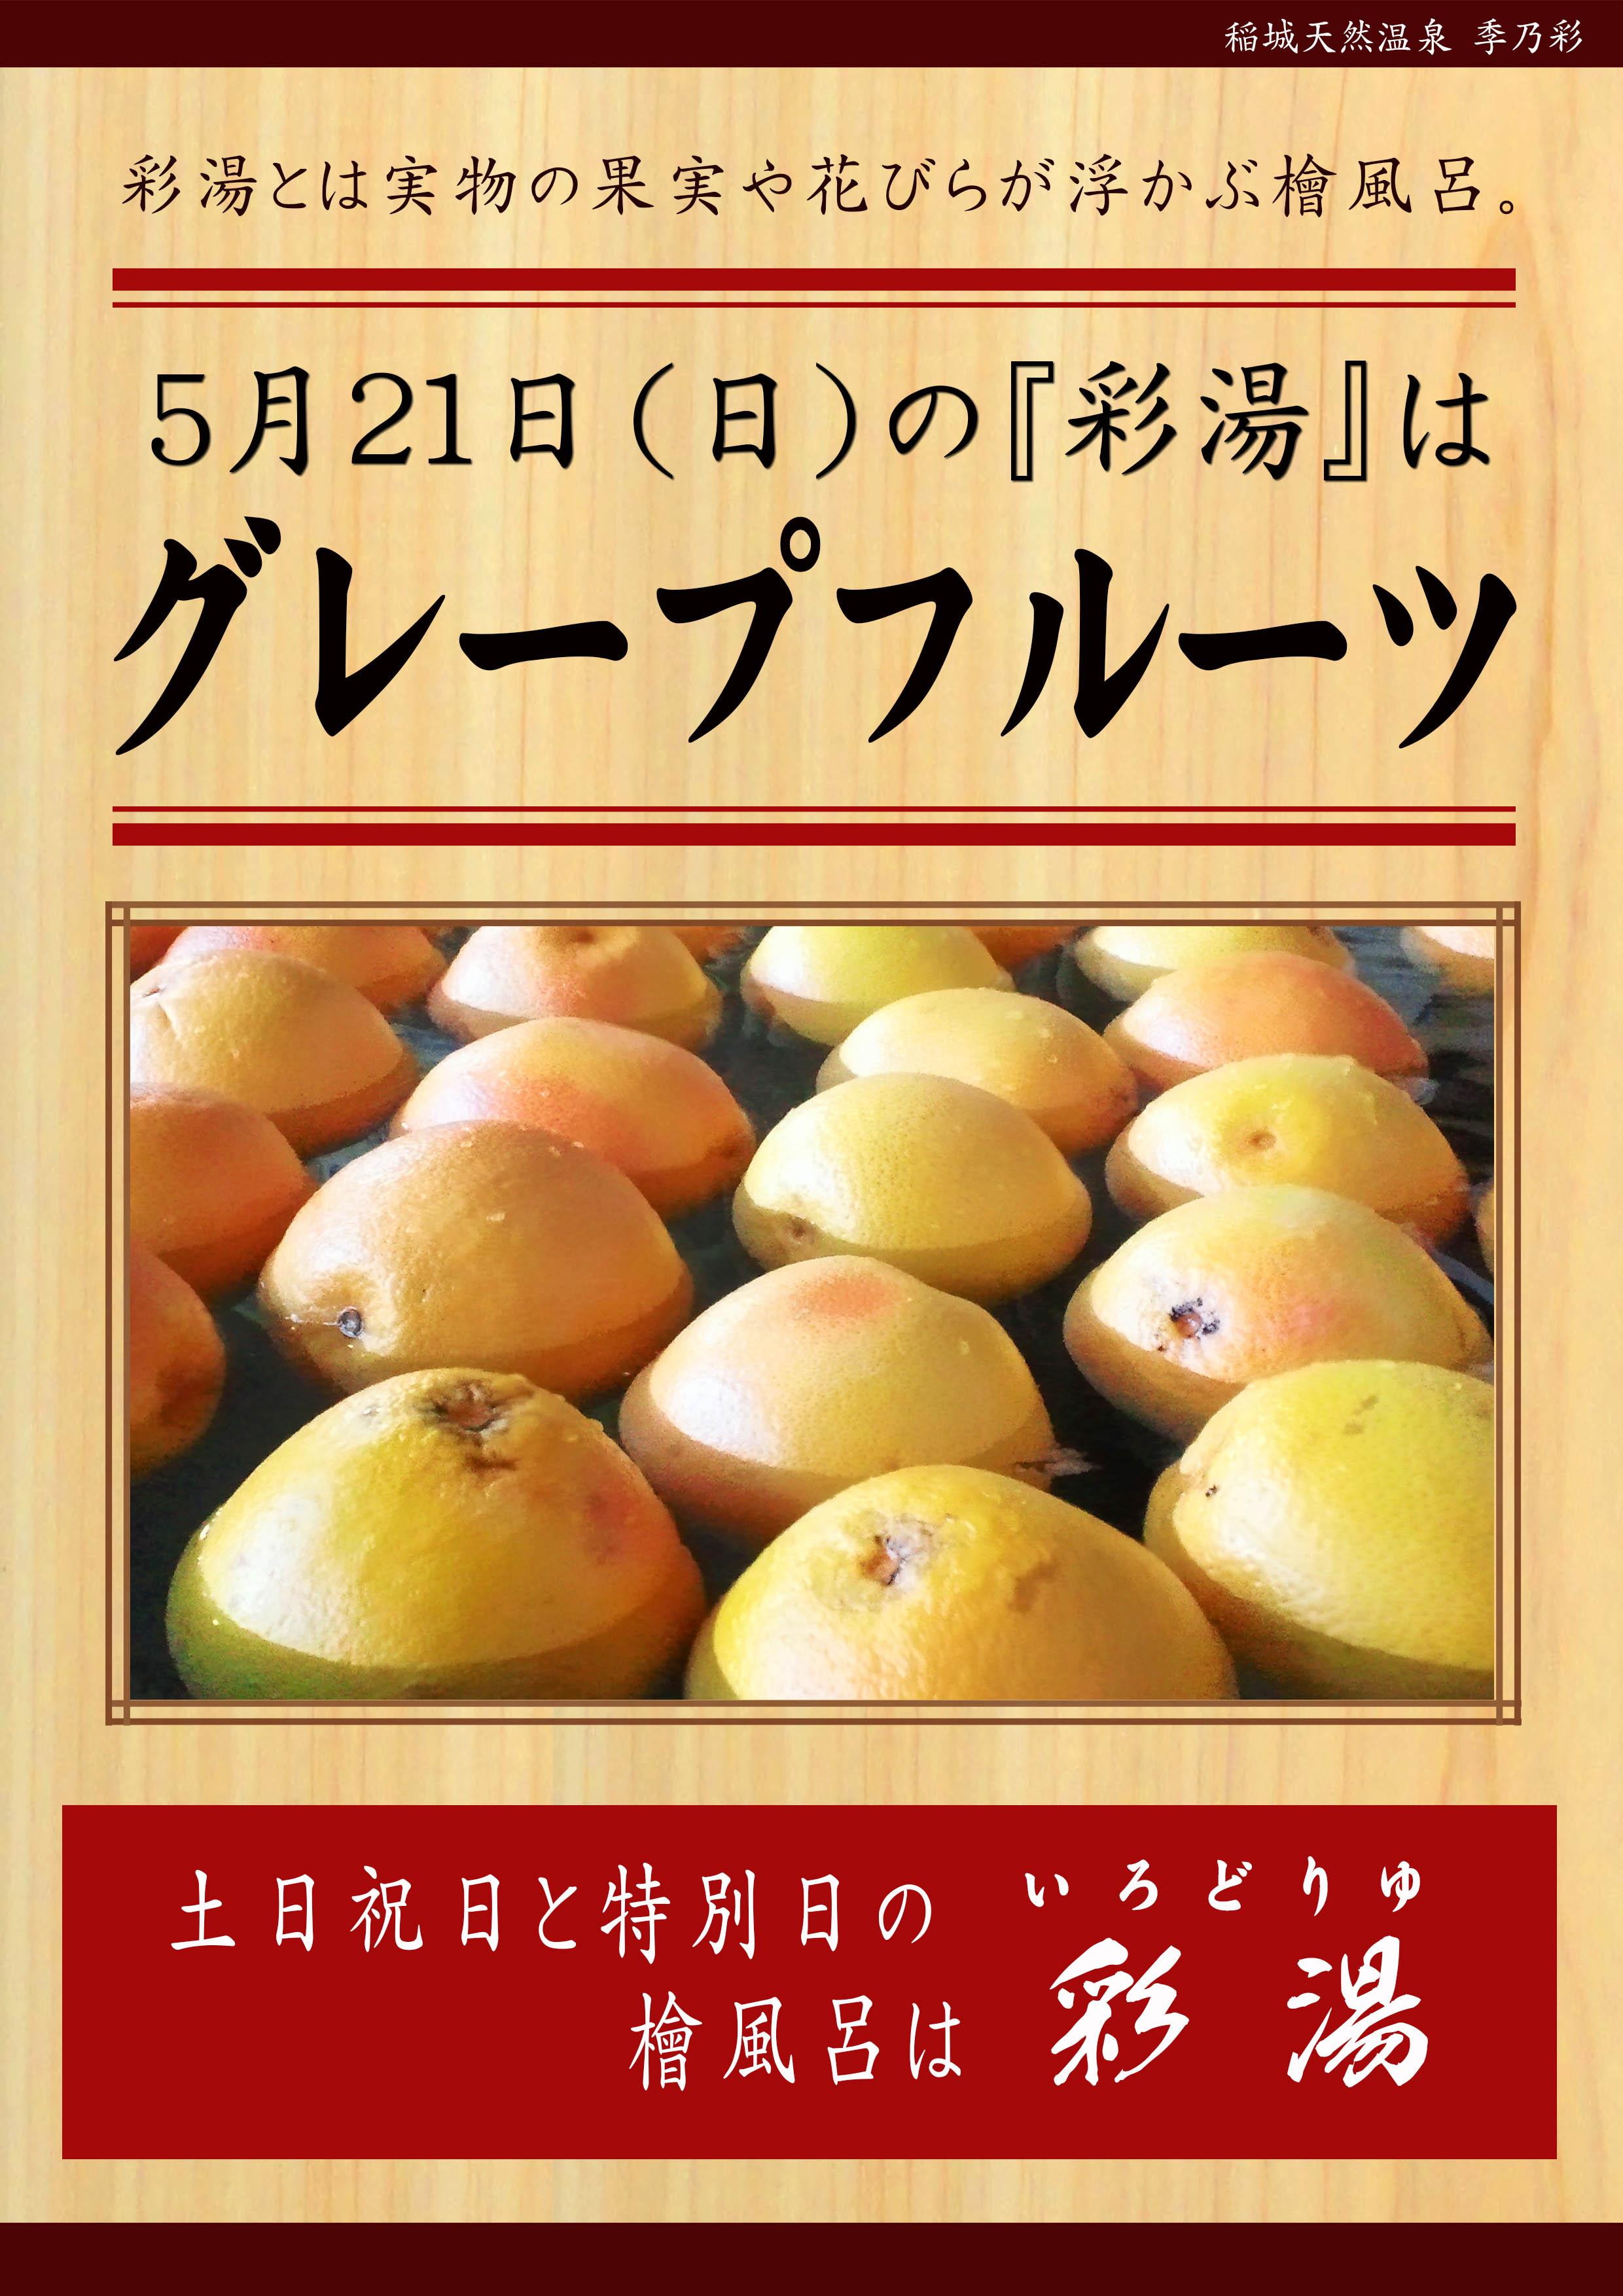 20170521POP イベント 彩湯 グレープフルーツ